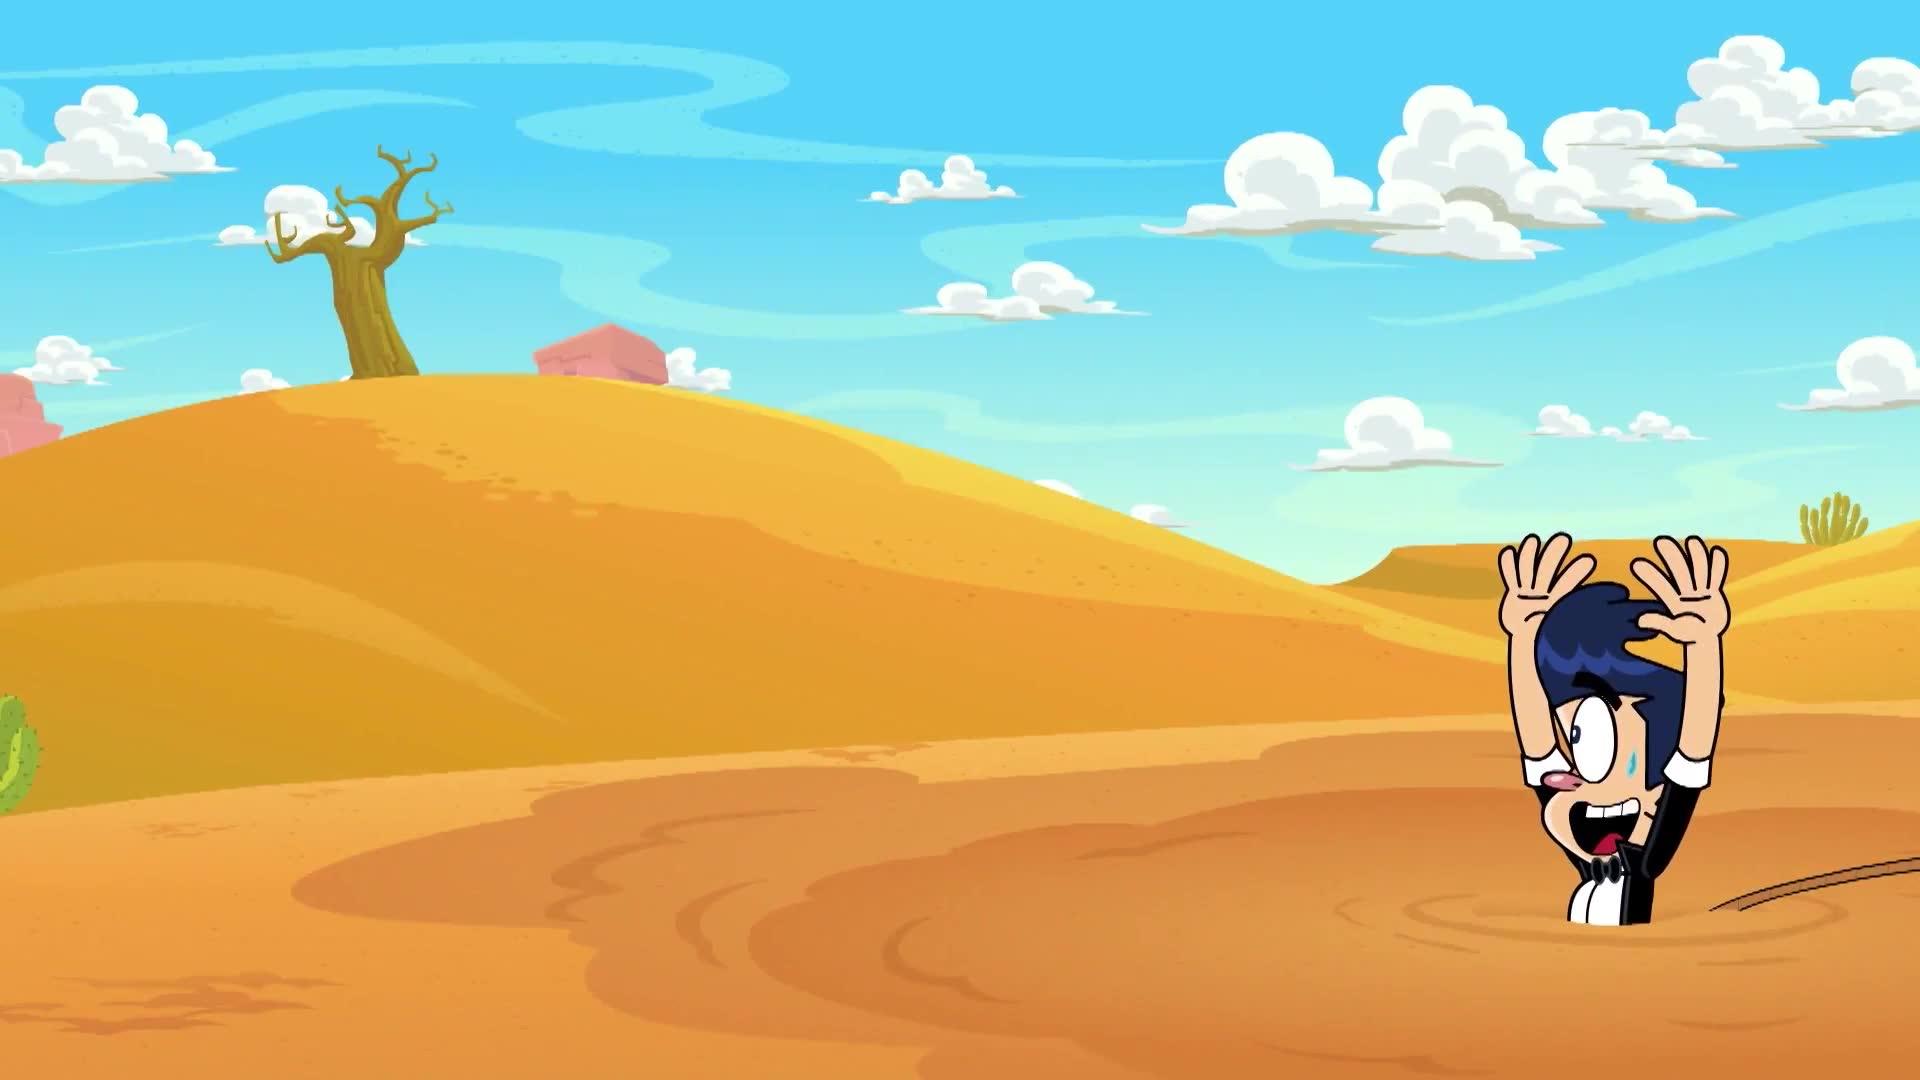 11화 Lost In The Desert